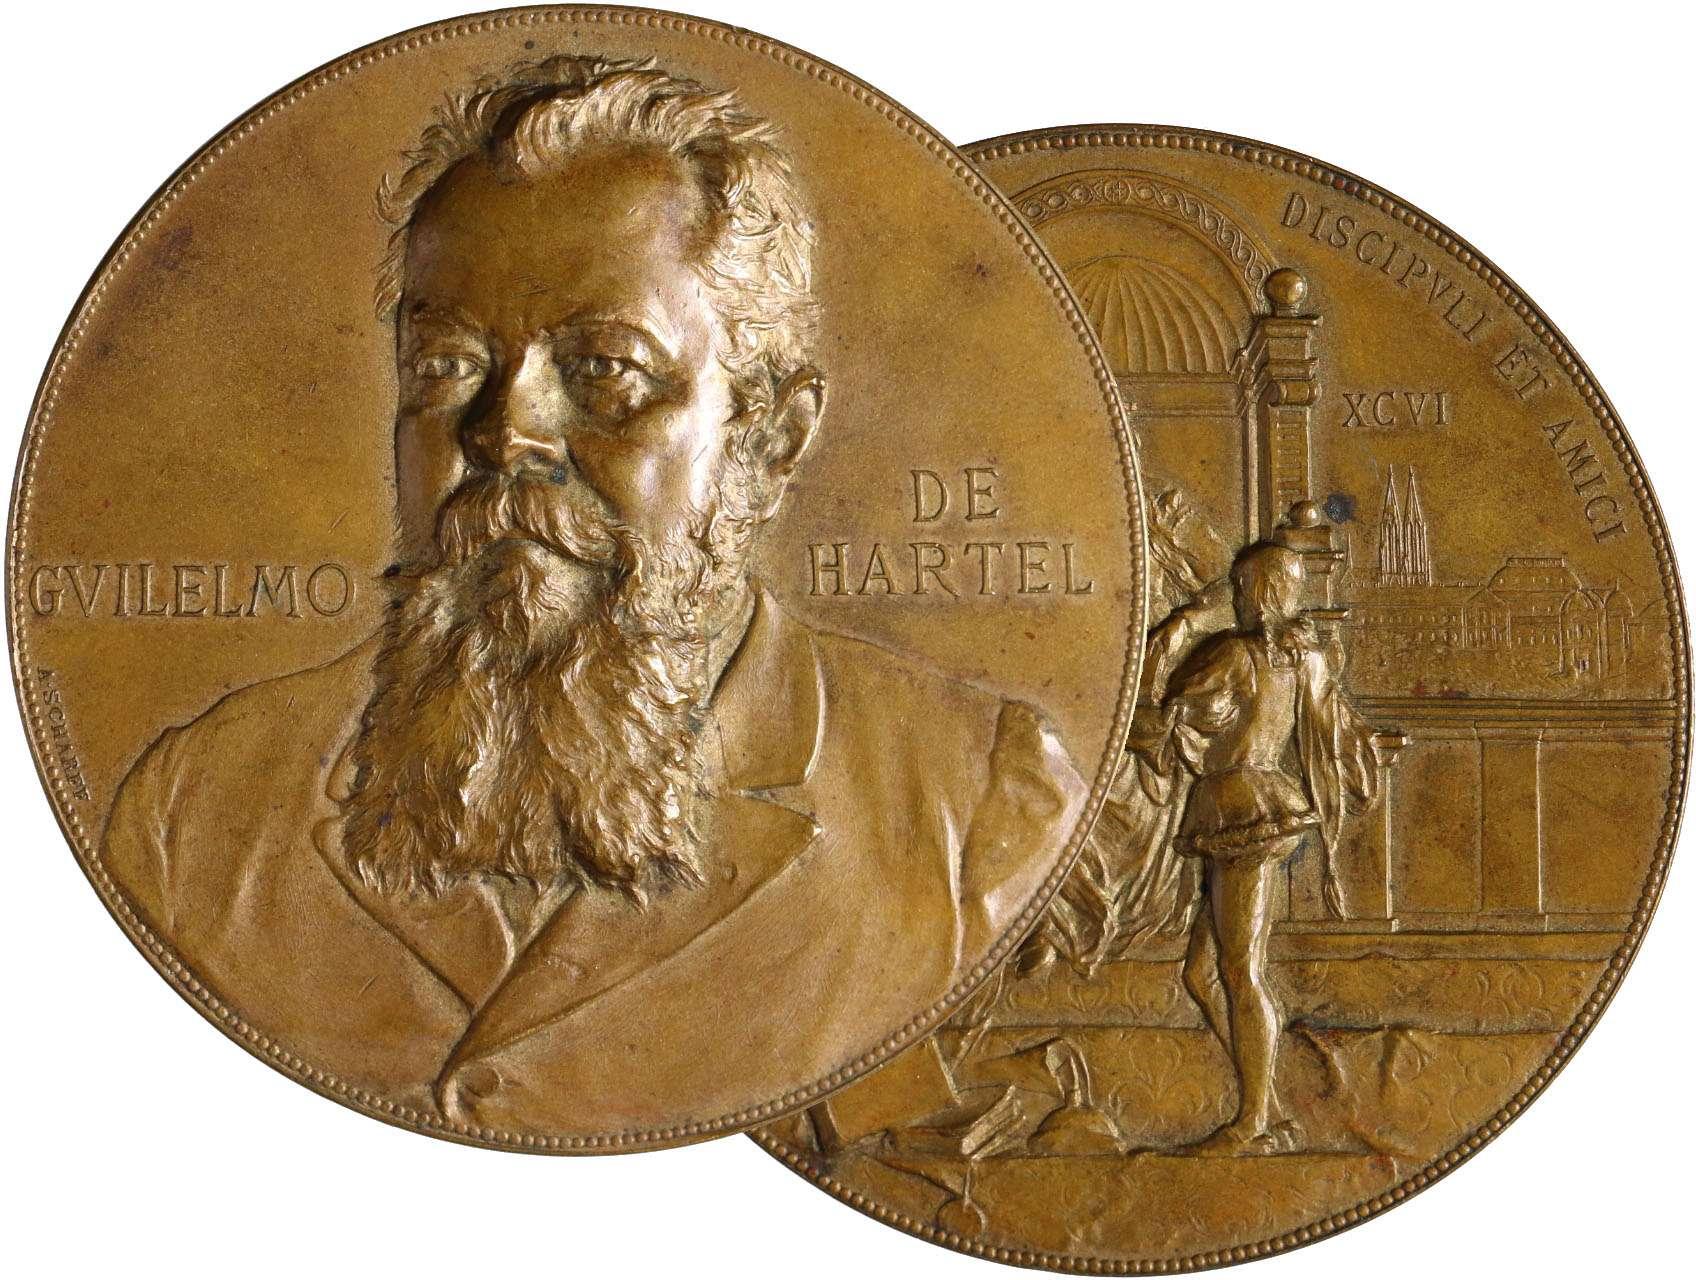 Scharff Anton Karl Rudolf 1845-1903 - AE medaile 1896 Guilelmus de Hartel, (byl profesorem klasické filologie, rektorem Vídeňské univerzity a ředitel dvorní knihovny. V letech 1900-1905 byl ministrem kultury a školství.) Bronz 59 mm